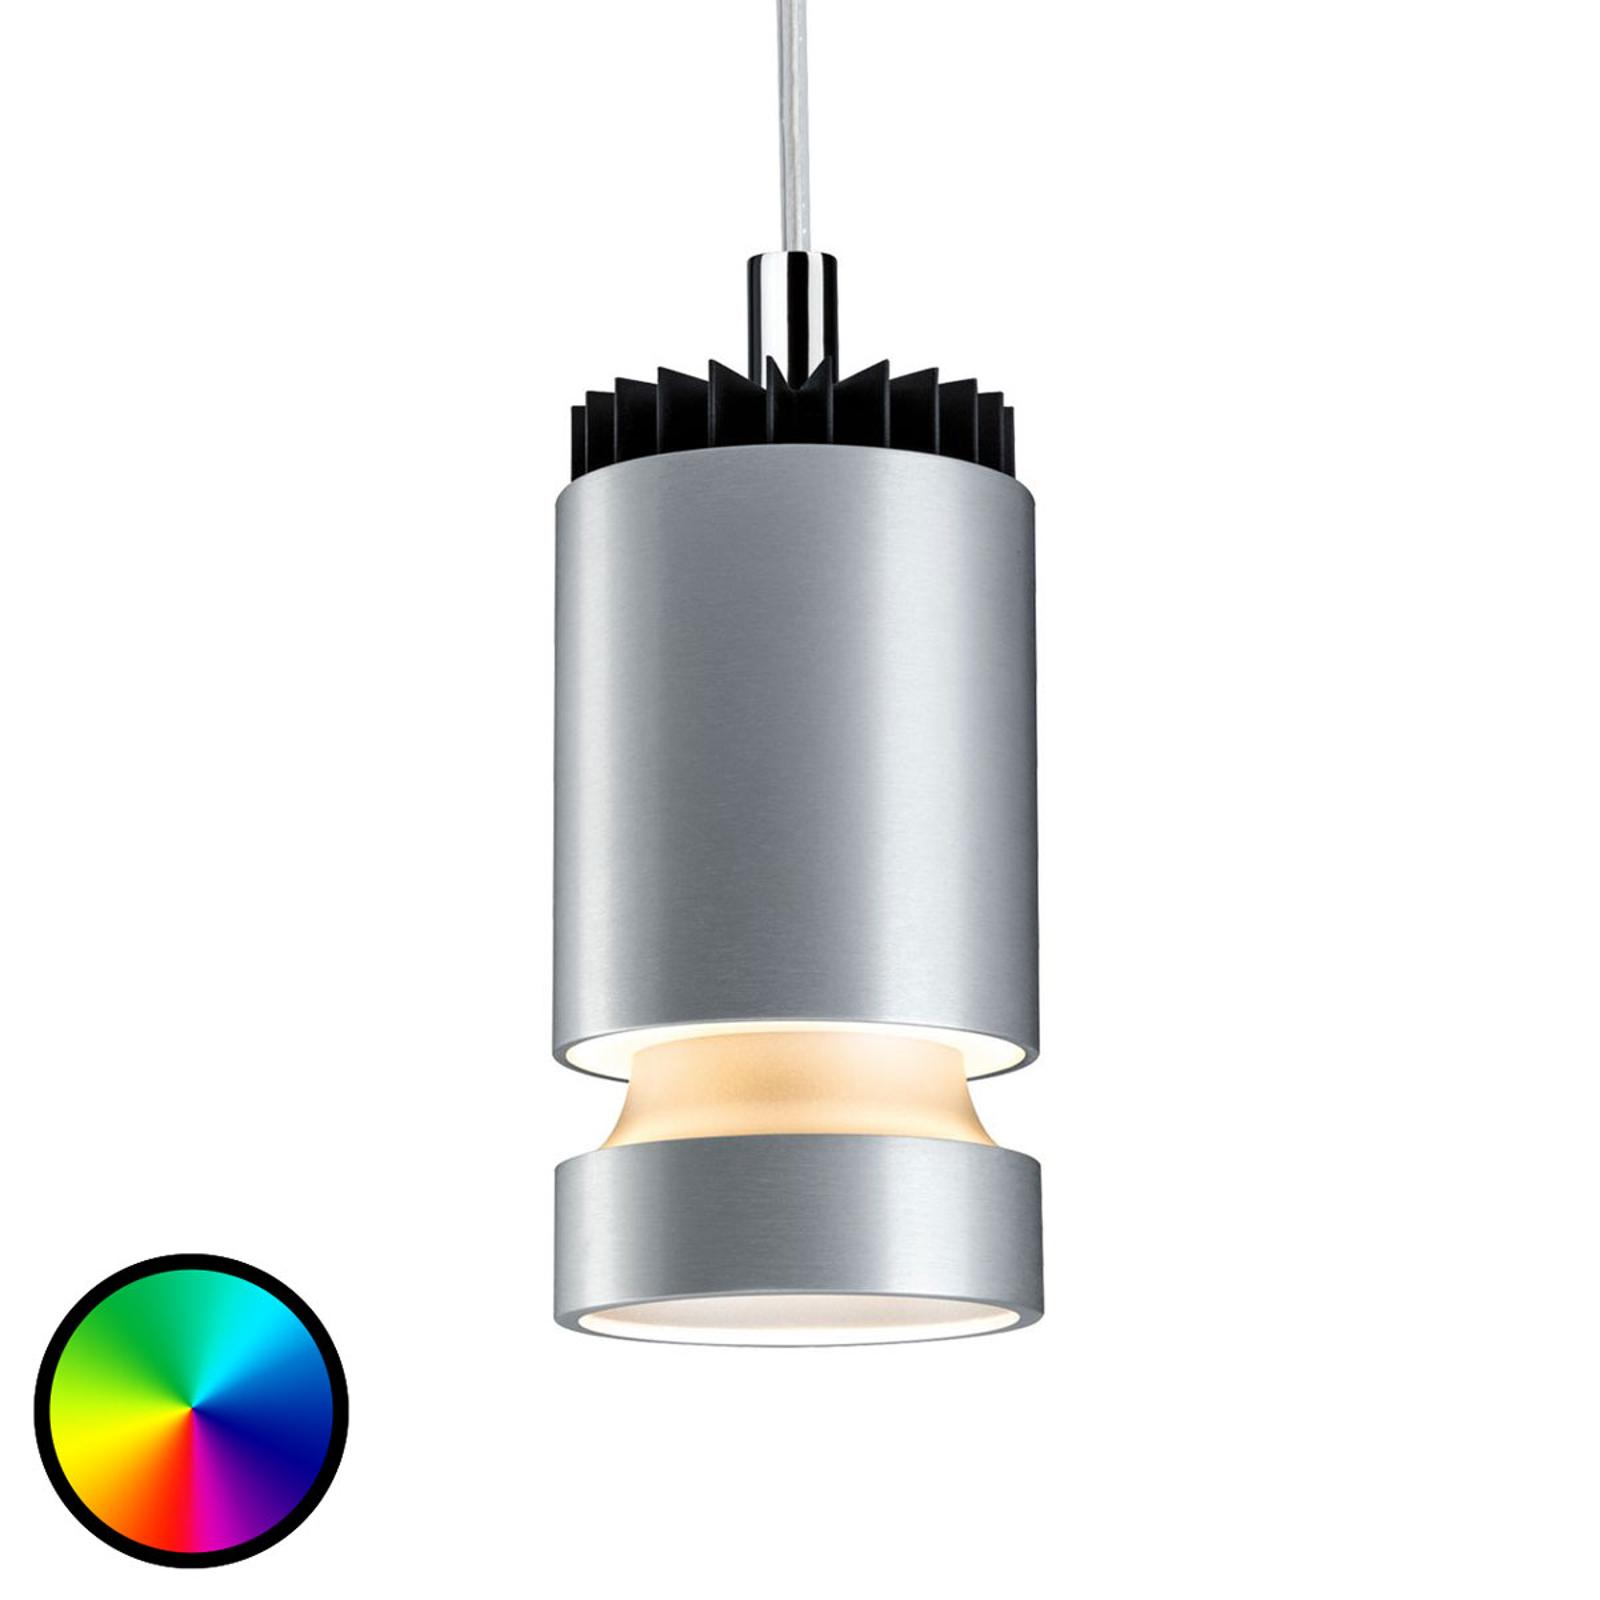 Paulmann VariLine LED závěsné světlo Shine 2.700 K